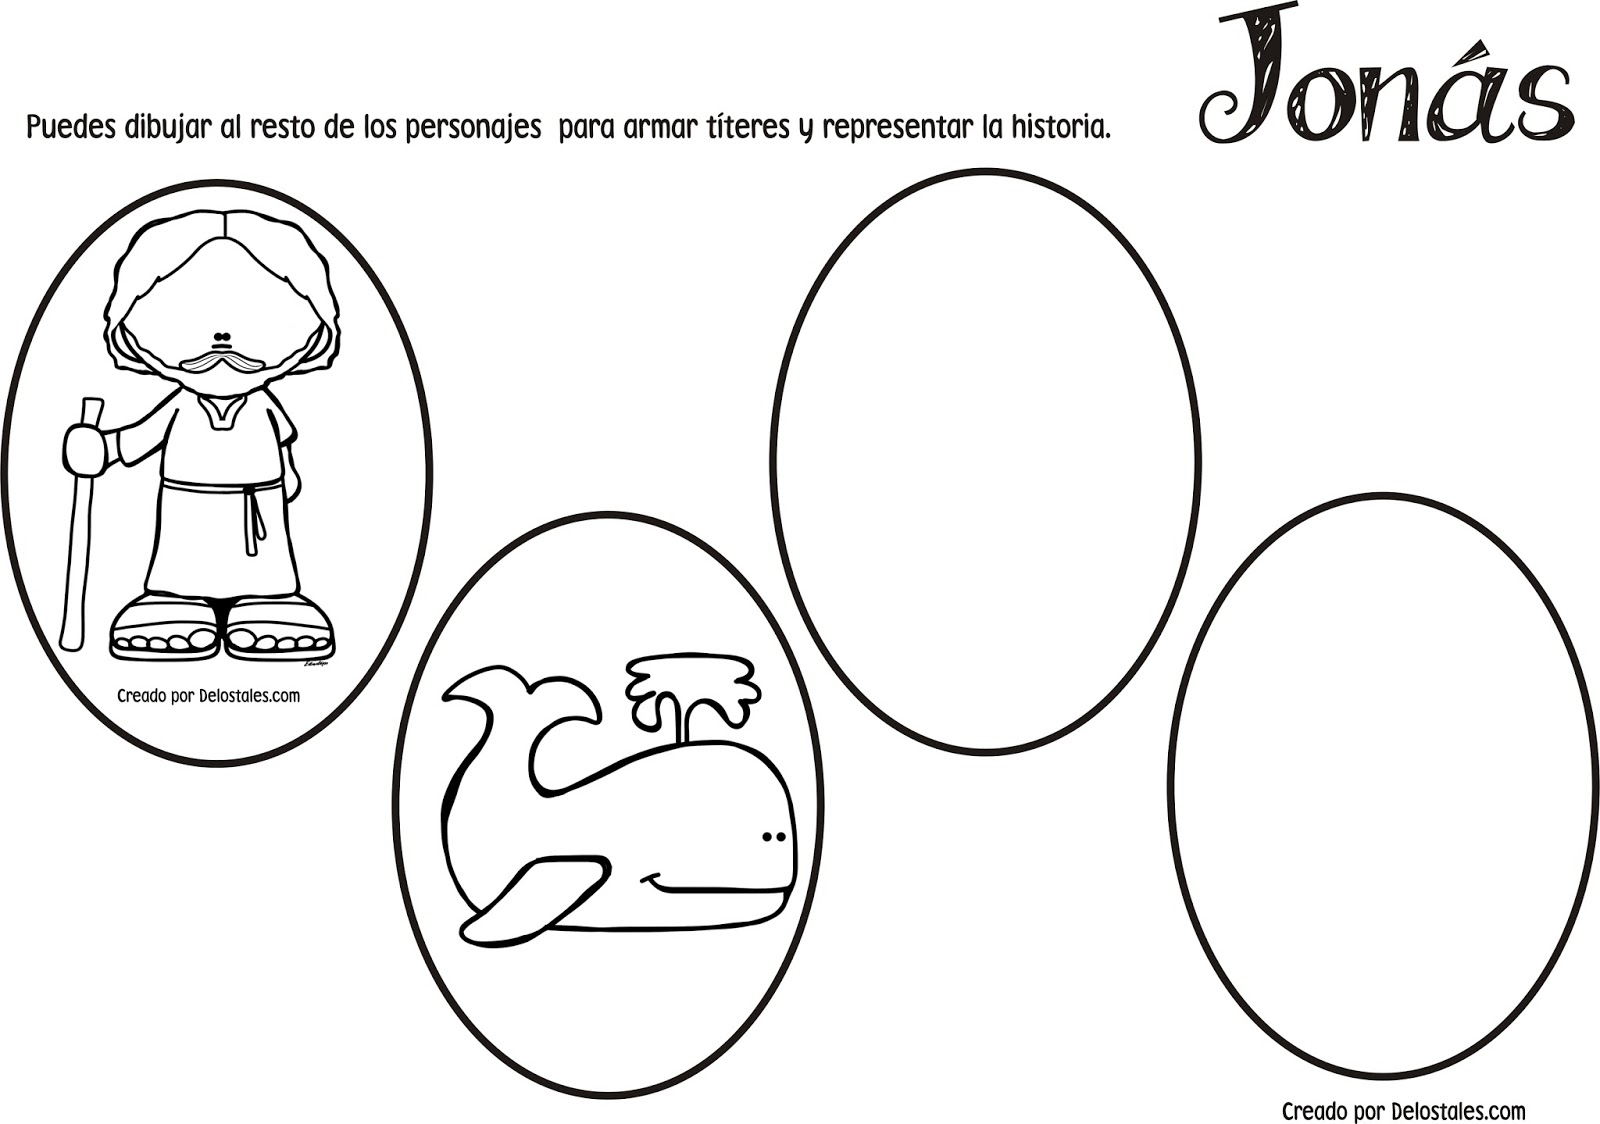 Lujoso Jonah Para Colorear Embellecimiento - Ideas Para Colorear ...